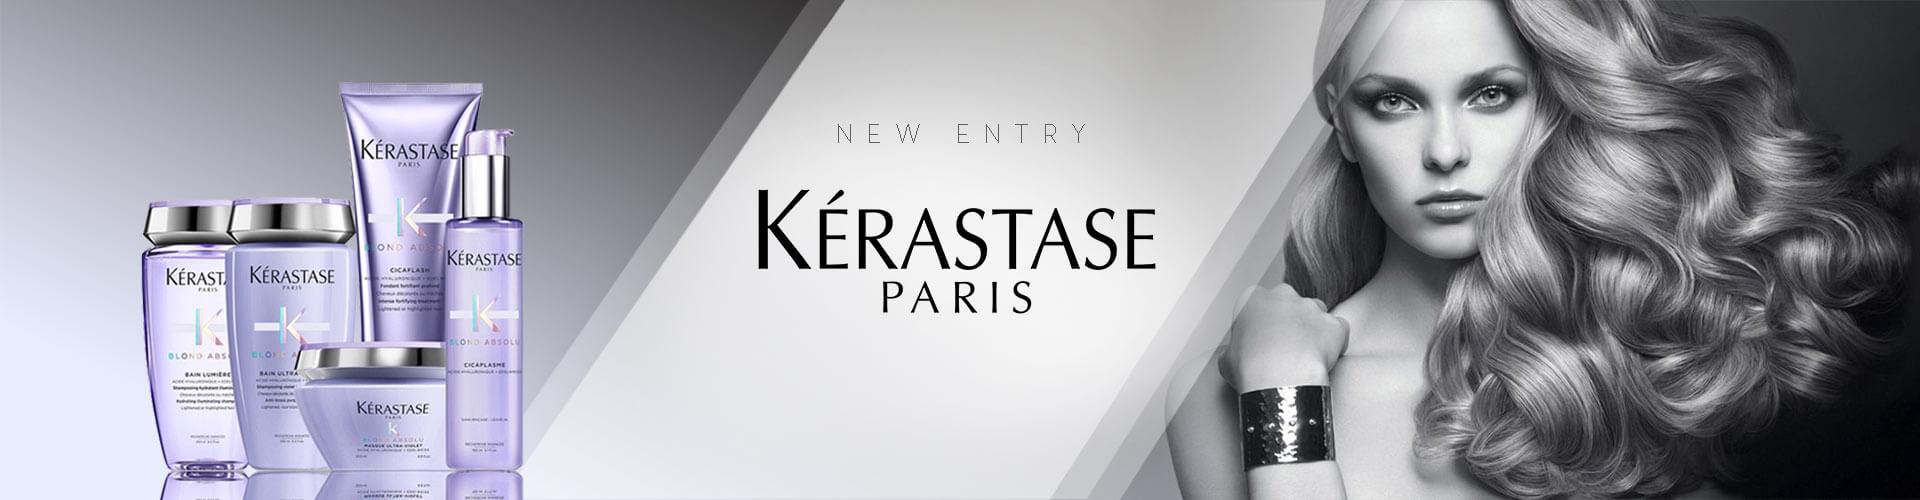 Kerastase hair products